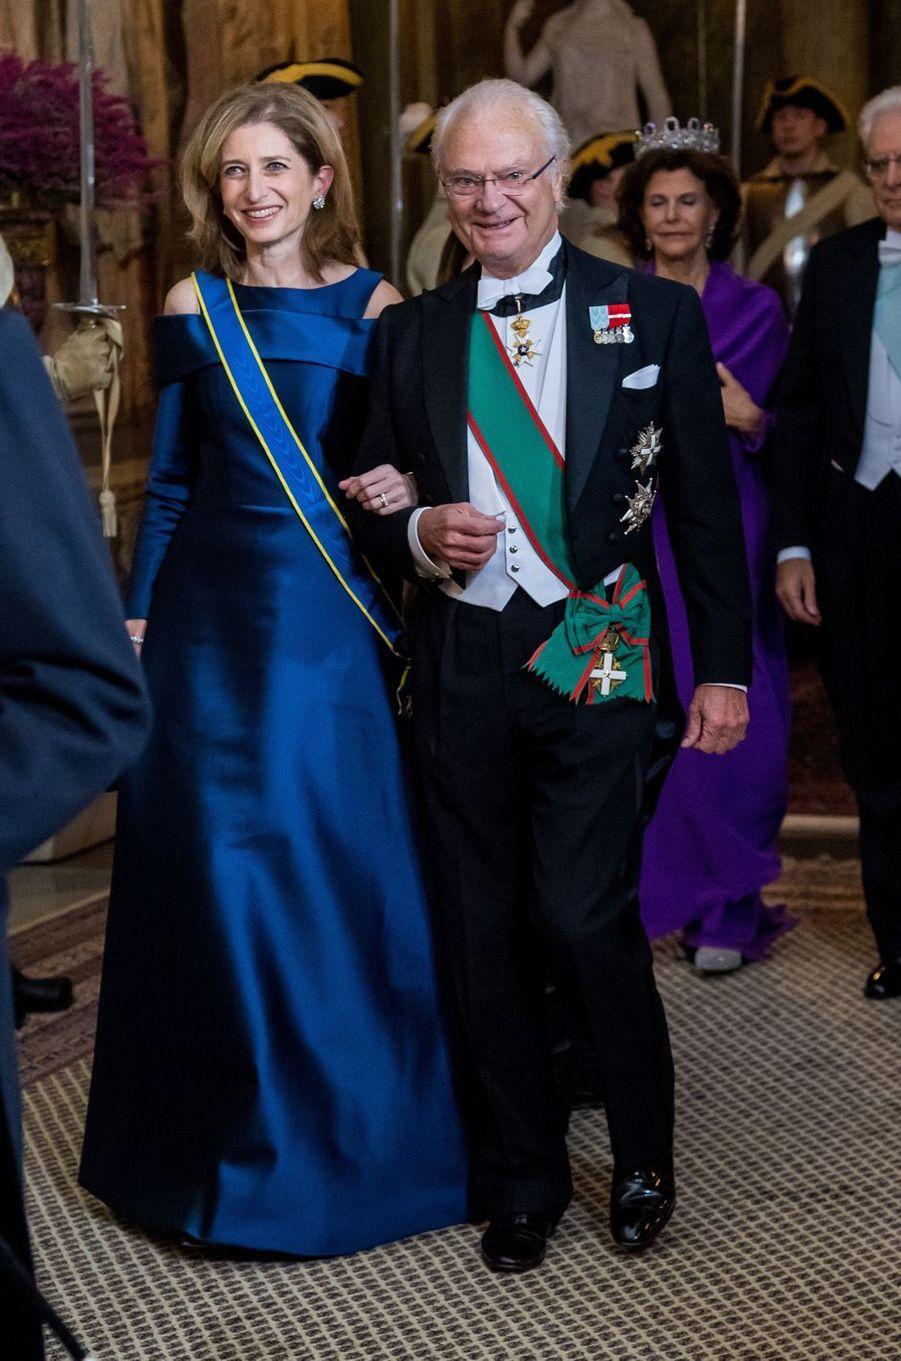 Le roi Carl XVI Gustaf de Suède avec Laura Mattarella à Stockholm, le 13 novembre 2018